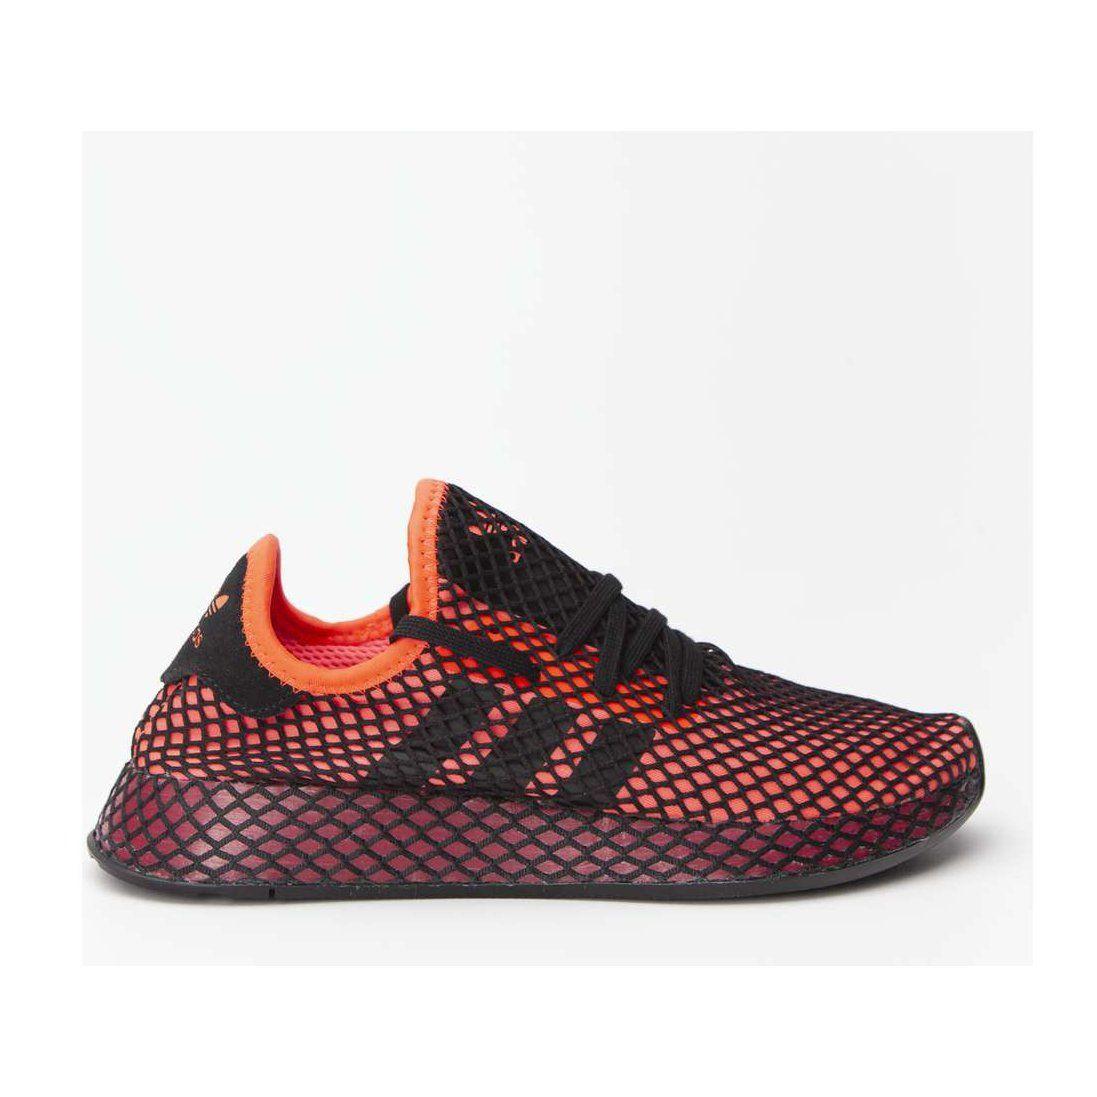 Sportowe Meskie Adidas Adidas Wielokolorowe Deerupt Runner 661 Solar Red Core Black Collegiate Burgundy Sneakers Men Adidas Sneakers